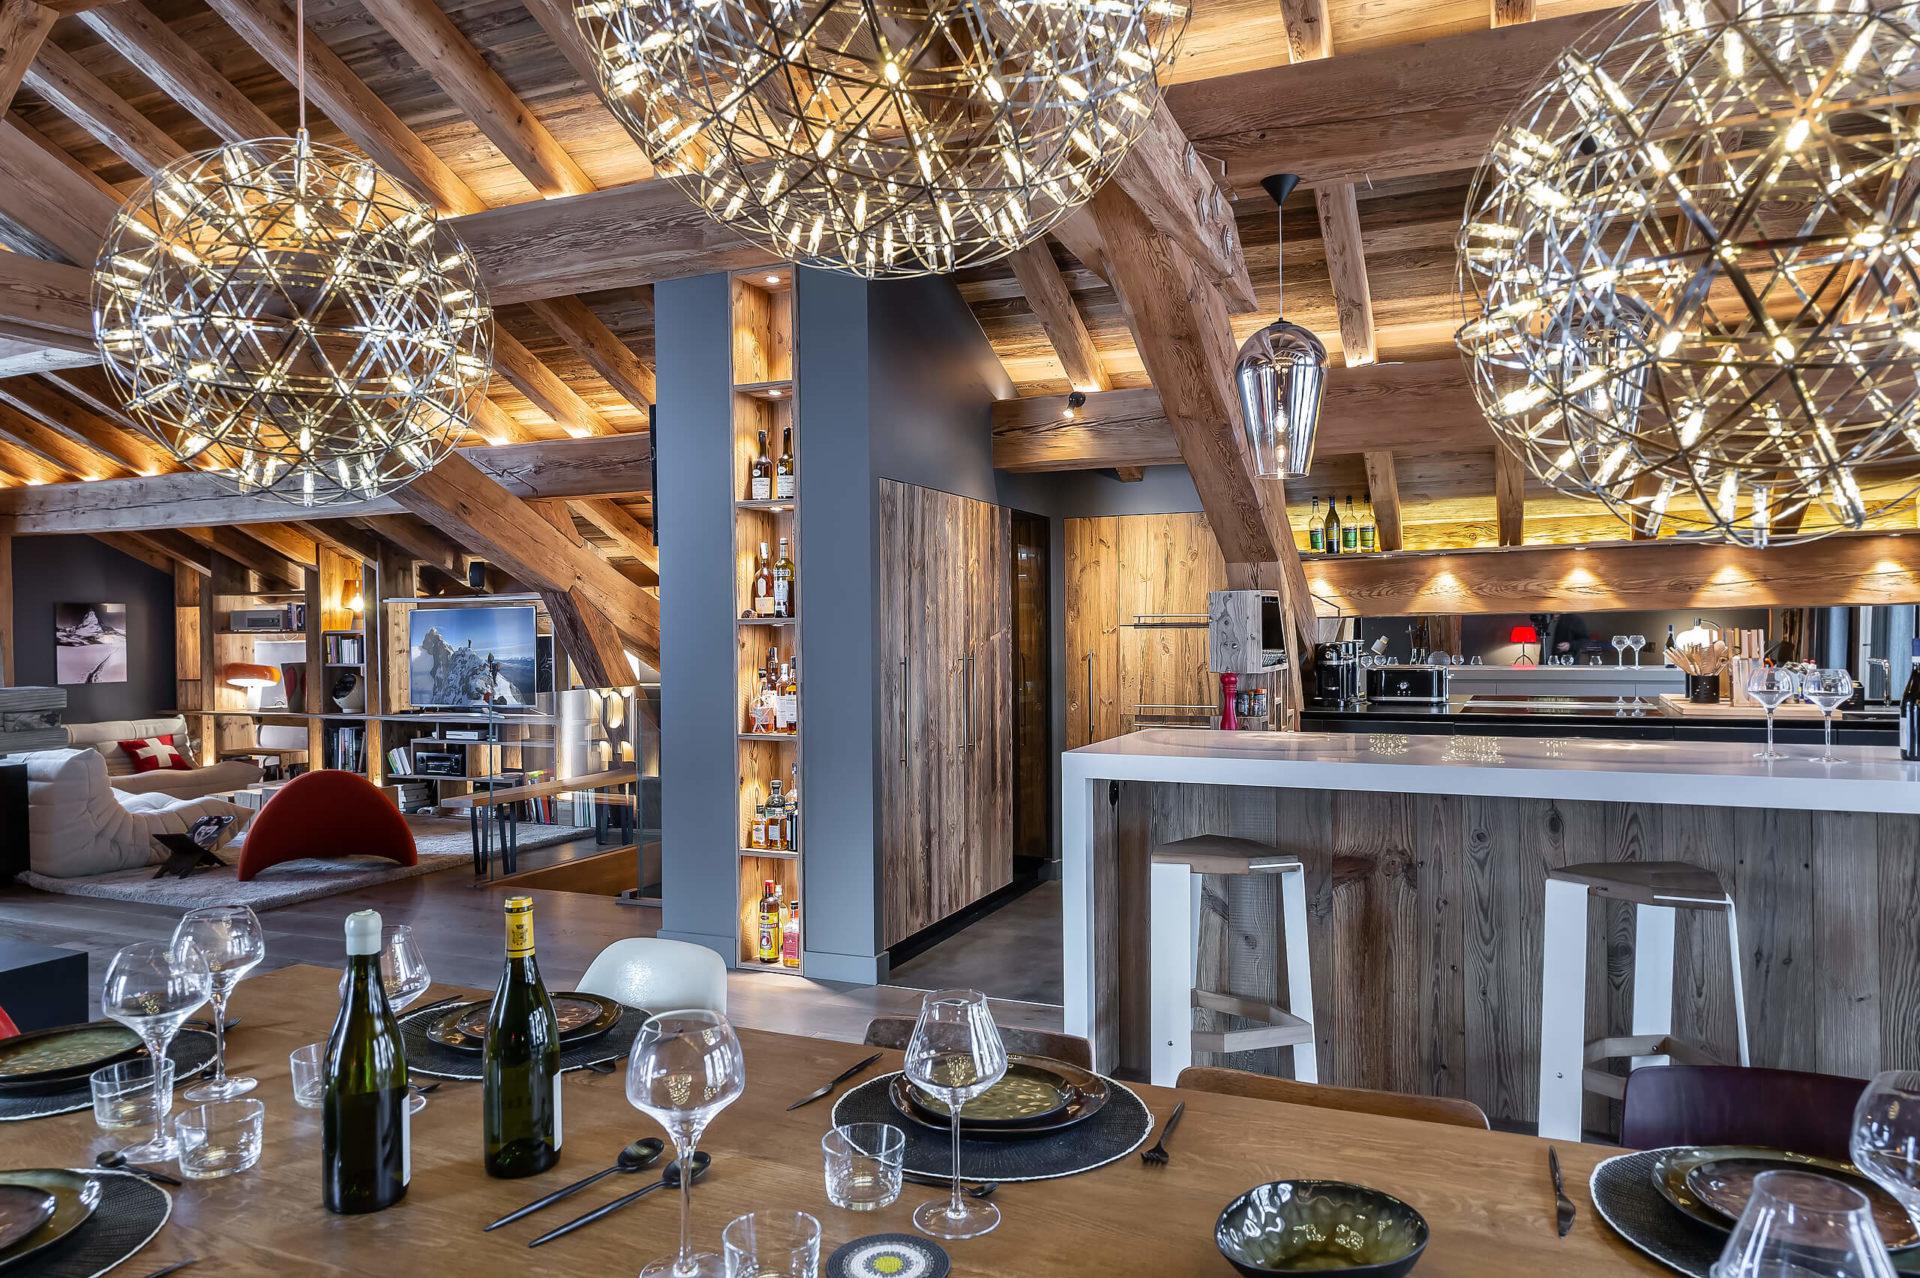 Ferme de 1779 - salle à manger 2 / Saint Martin de Belleville, Savoie